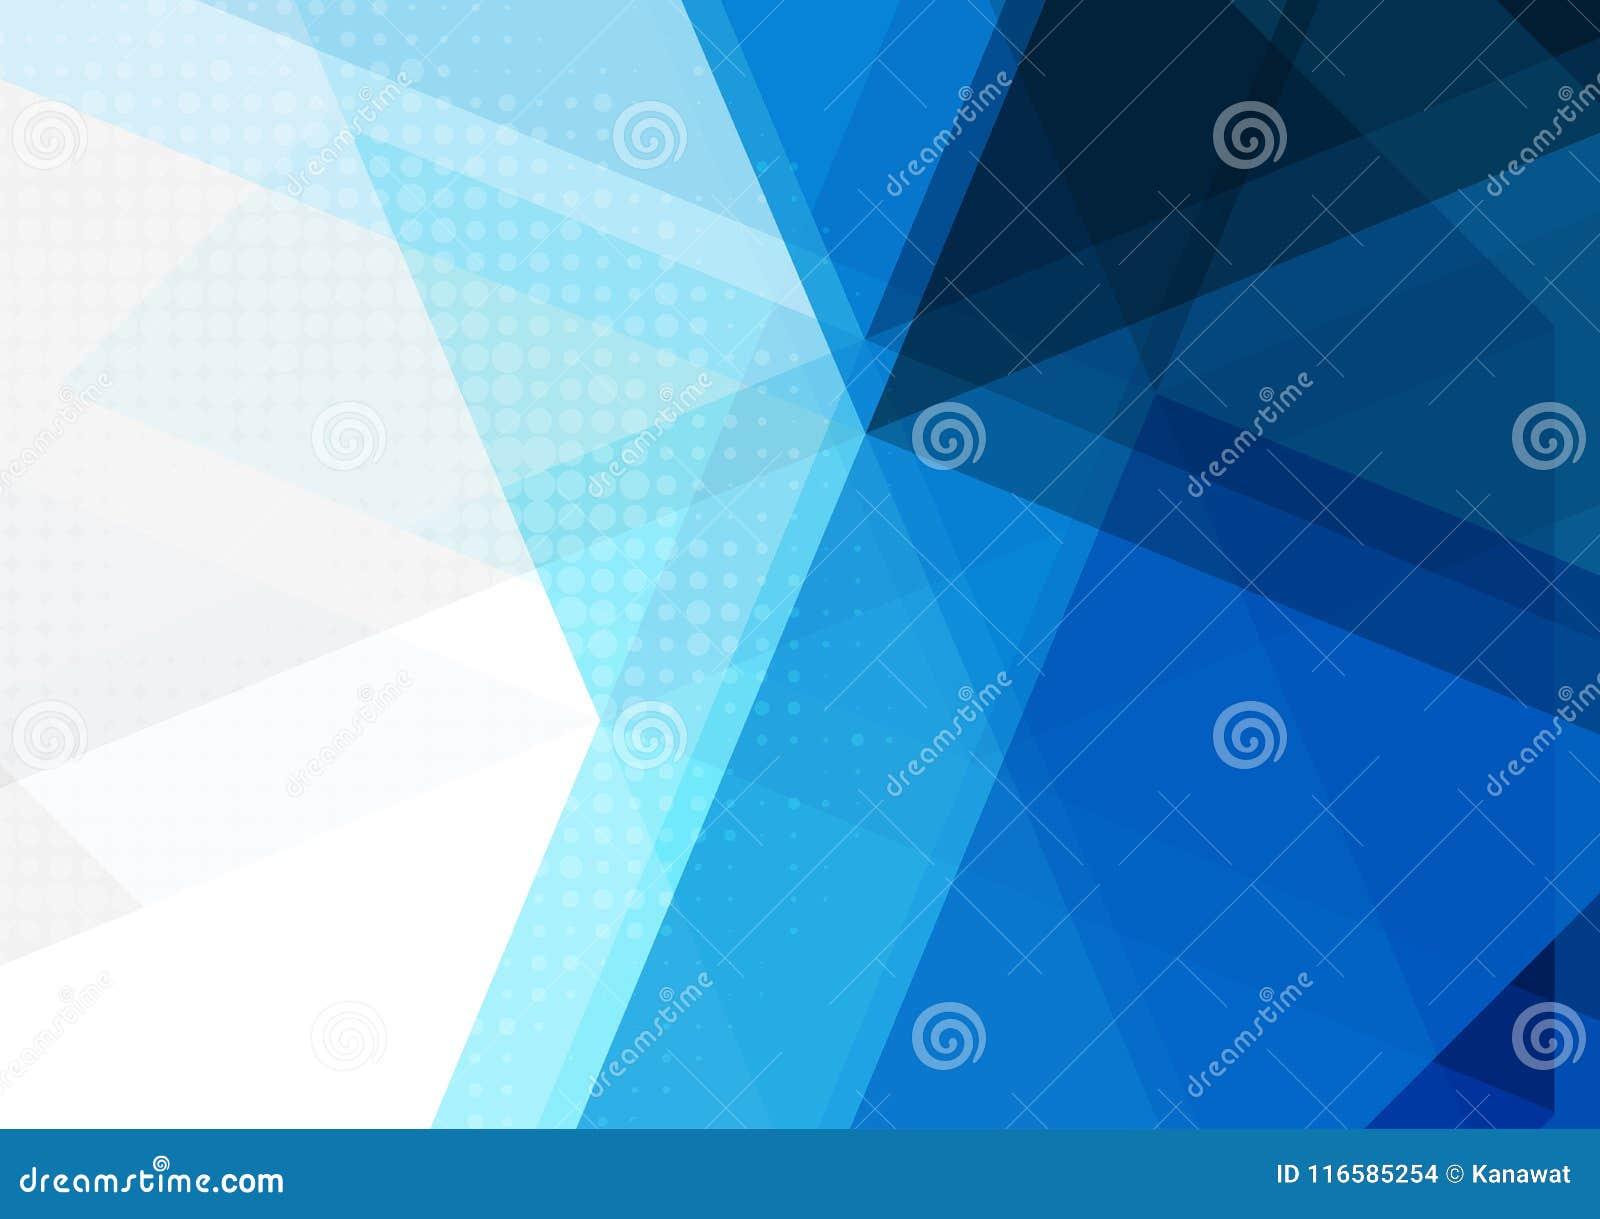 Голубая абстрактная геометрическая предпосылка, иллюстрация вектора